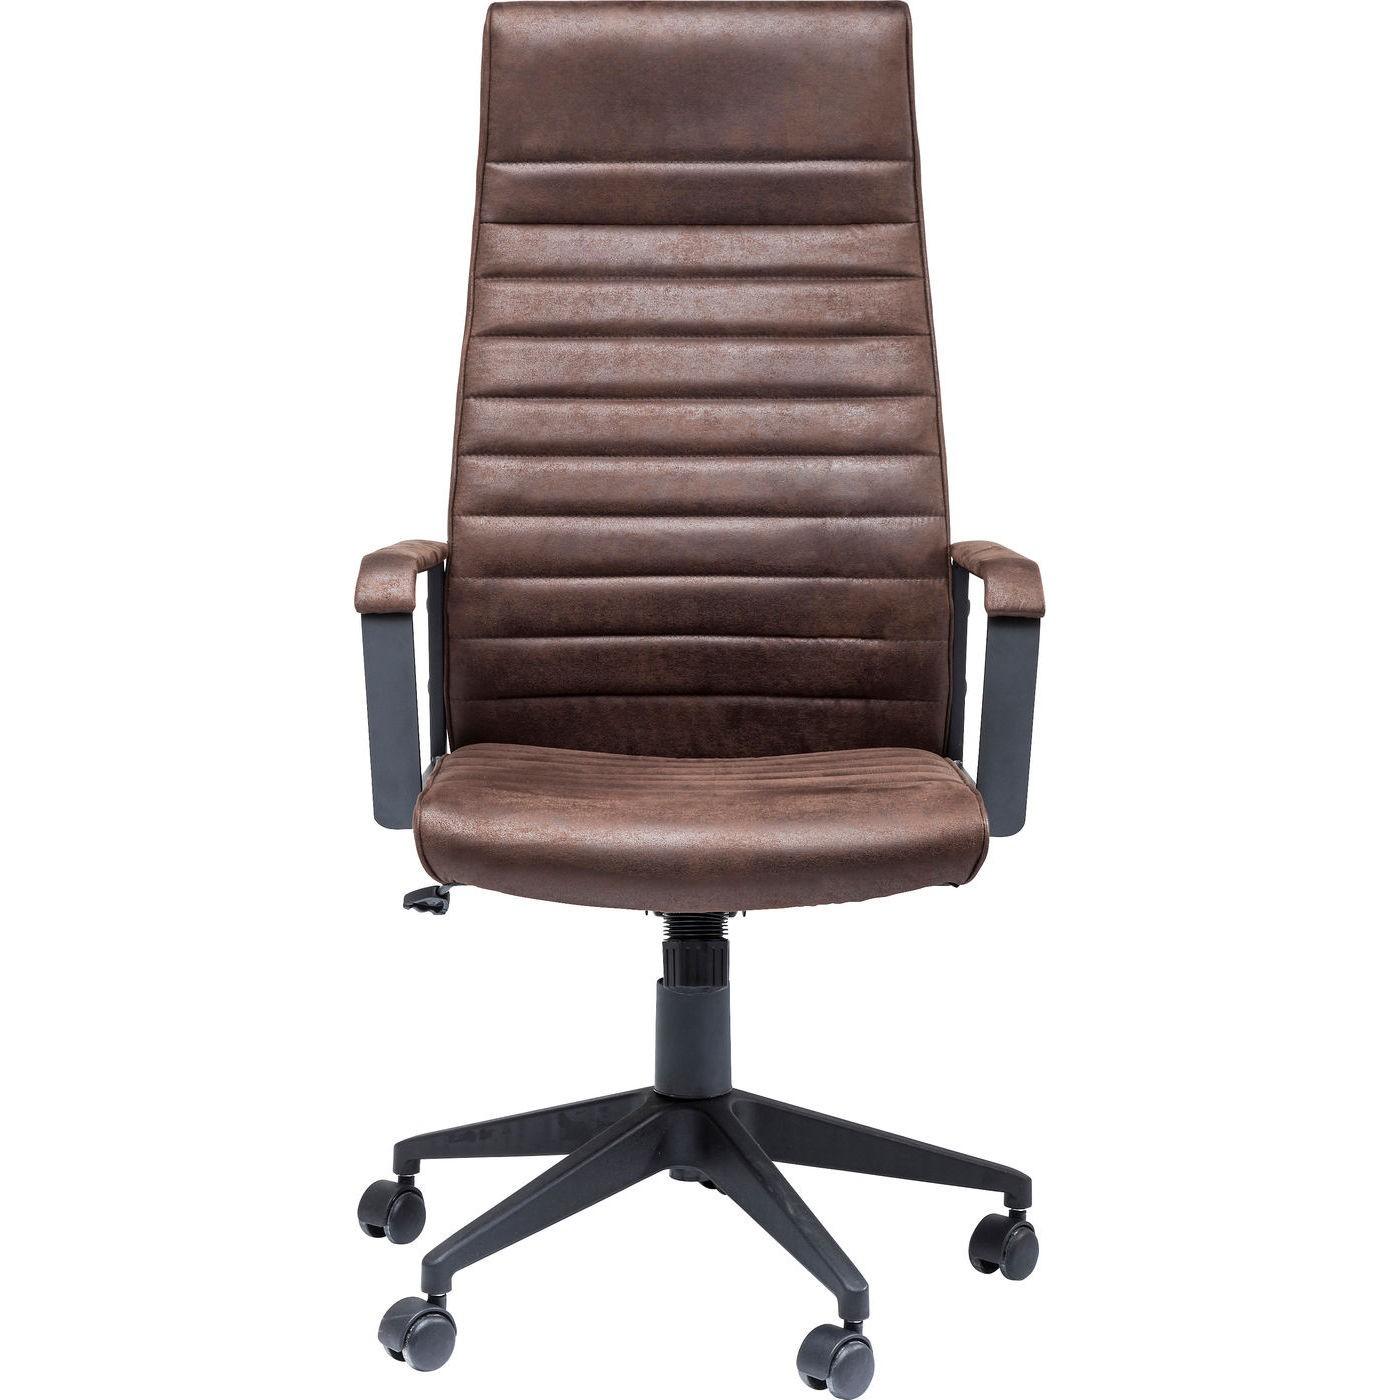 Chaise de bureau pivotante réglable à roulettes marron haute